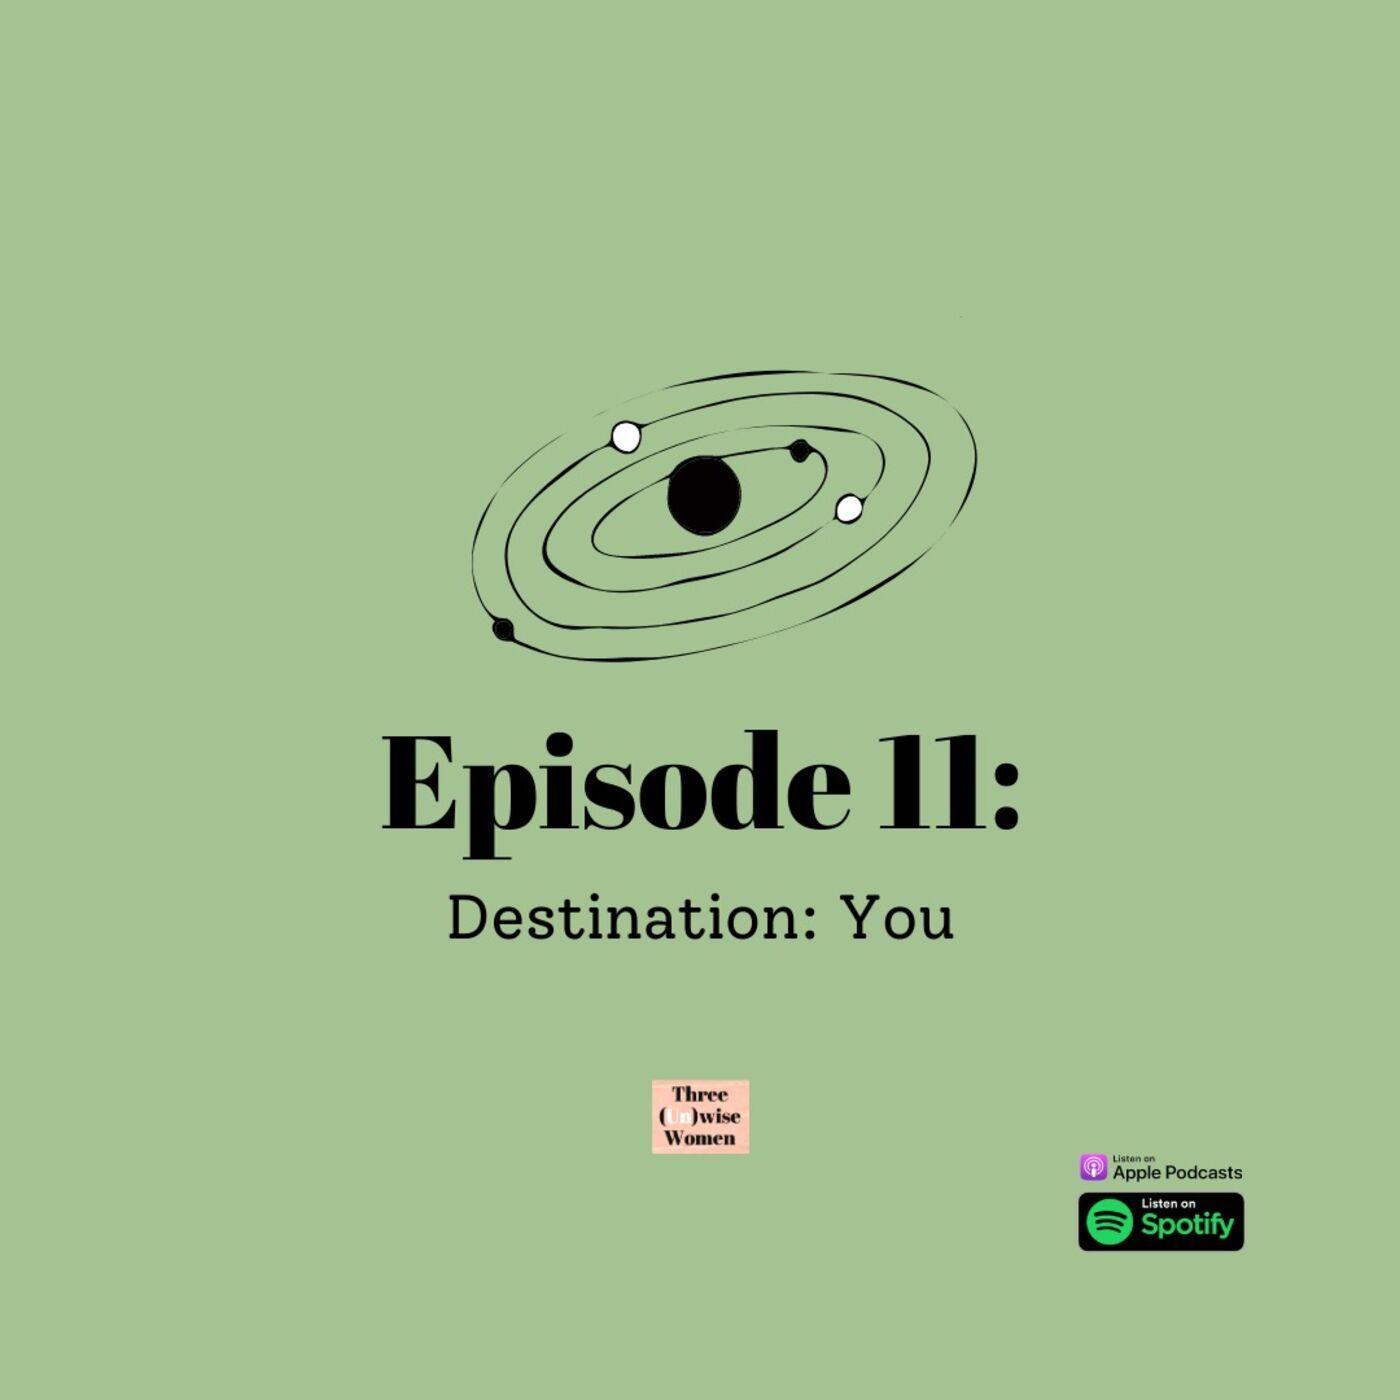 Destination: You